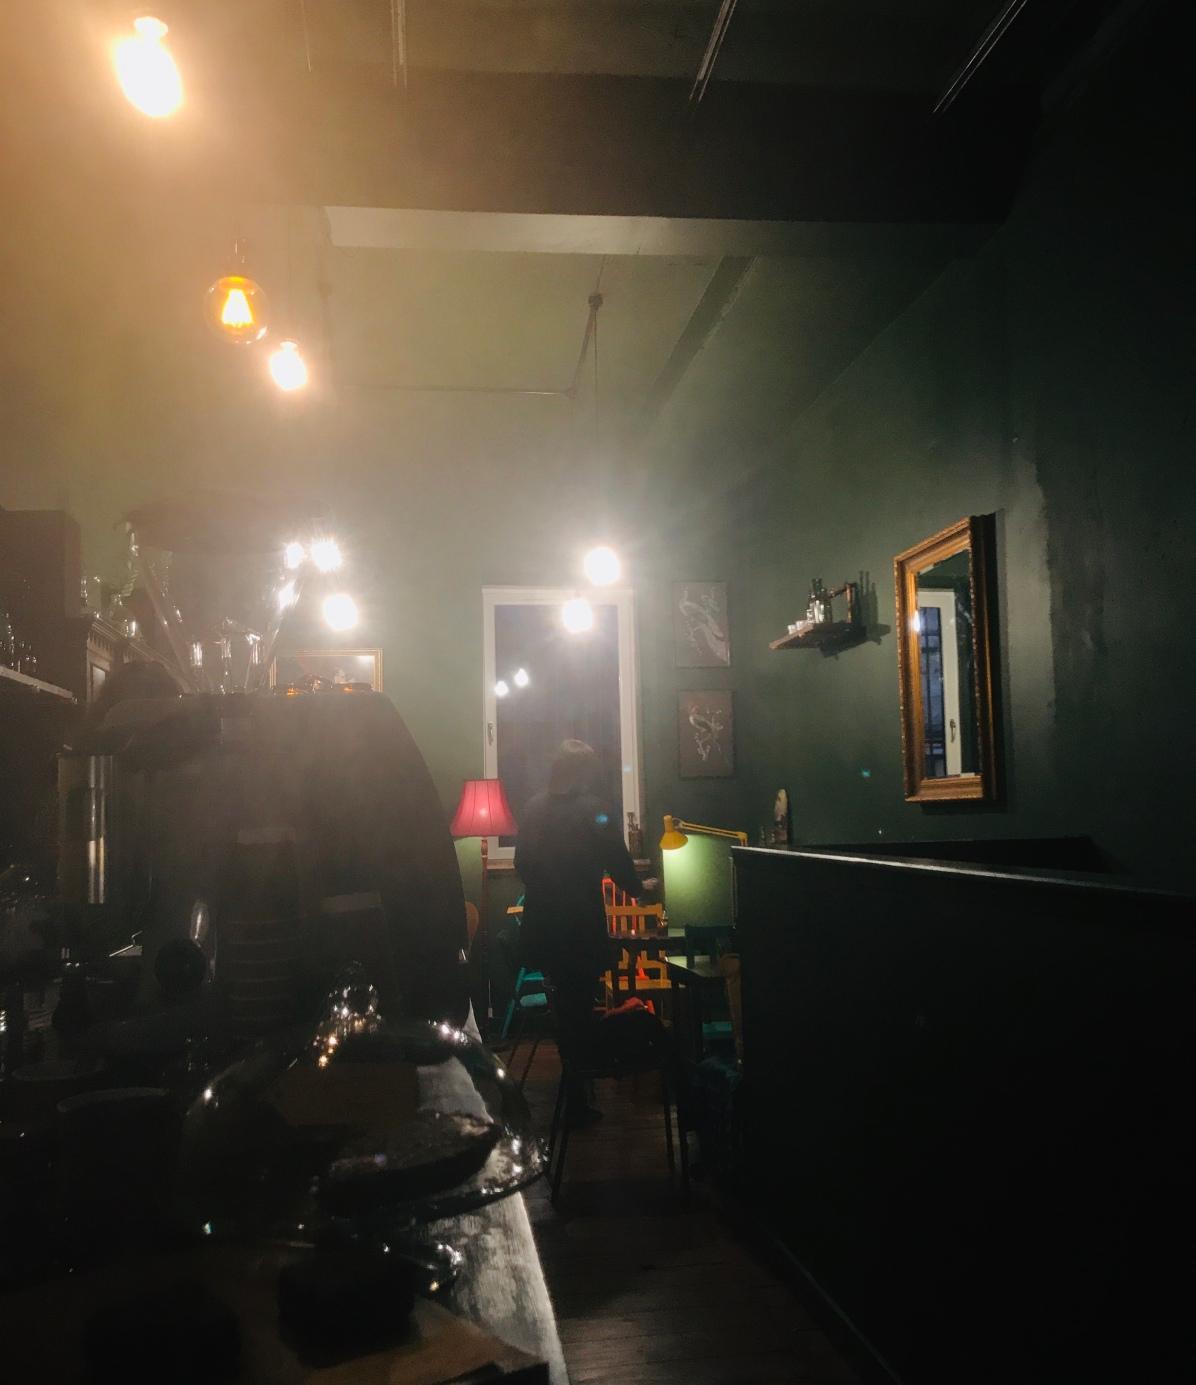 photo 10-01-2019, 16 29 11